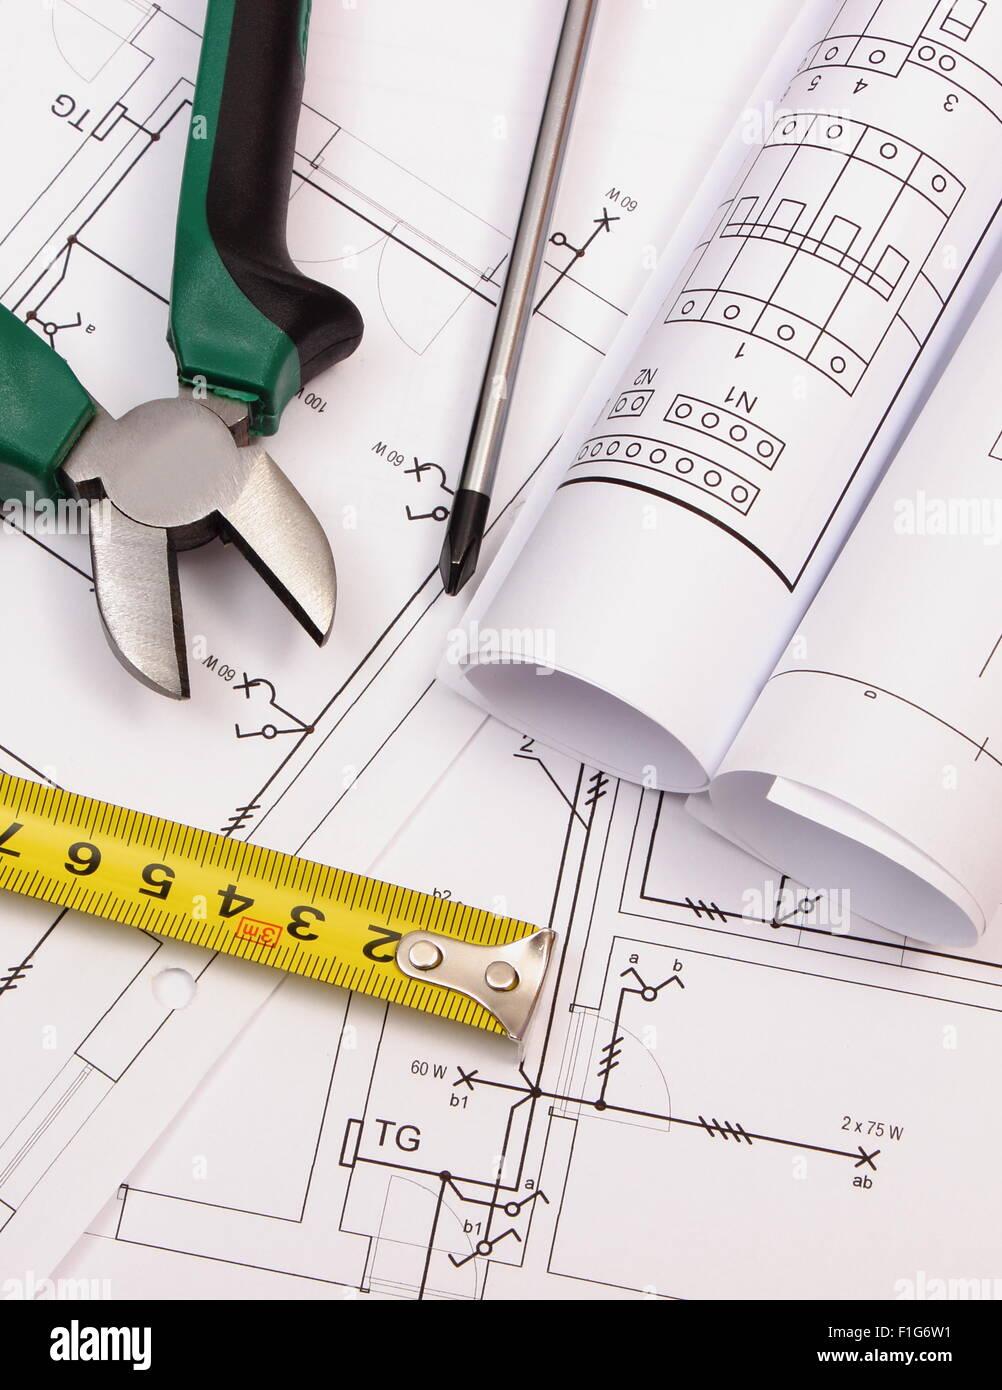 Superior Metall Zangen, Schraubenzieher, Maßband Und Rollen Von Diagrammen Auf  Elektrische Konstruktionszeichnung Des Stockbild